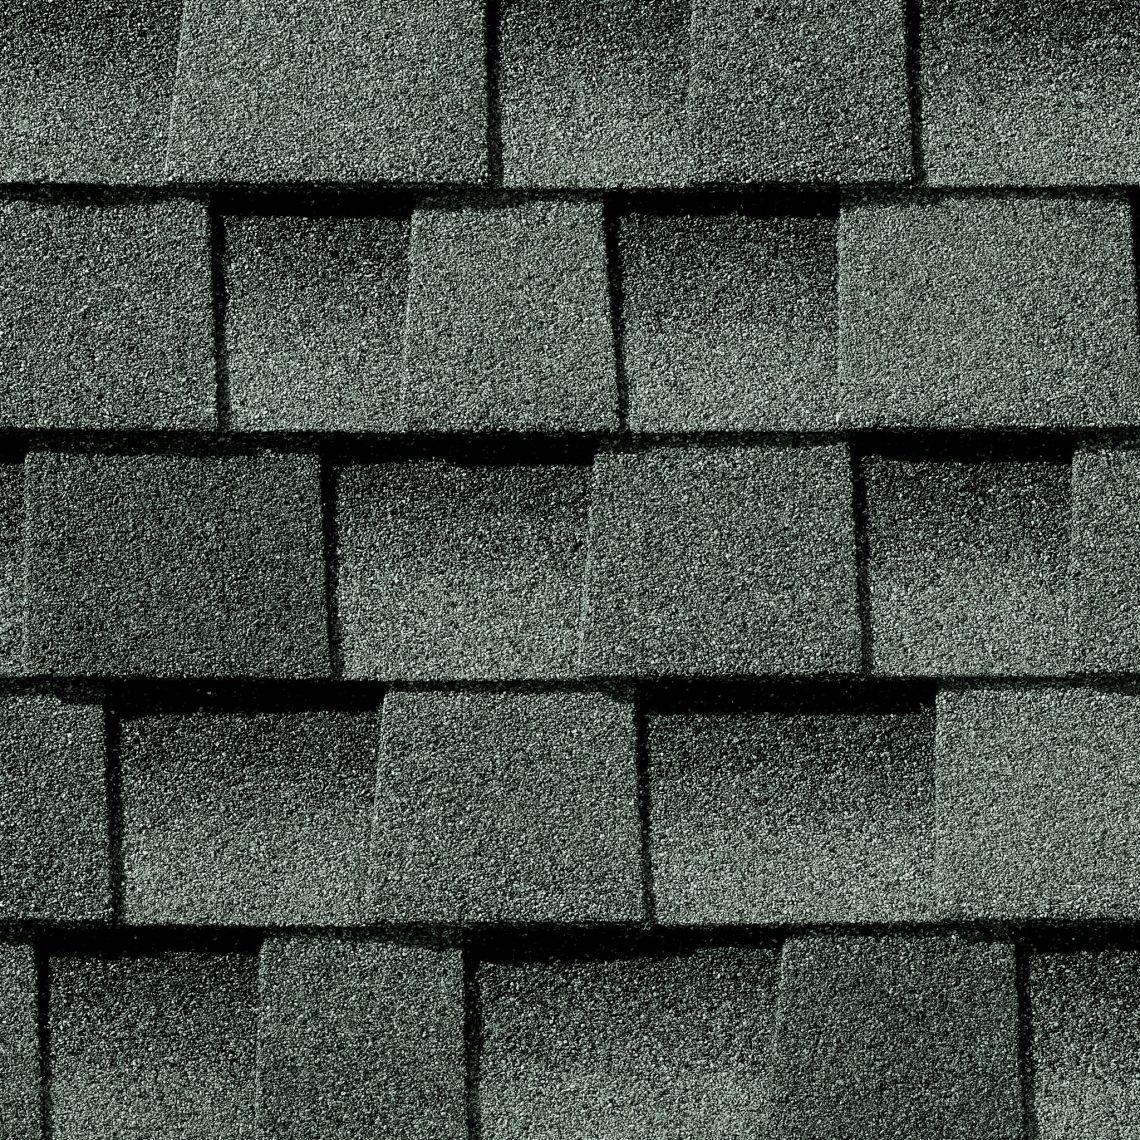 Gaf Timberline Hd Roofing Shingles Certified Gaf Roofer